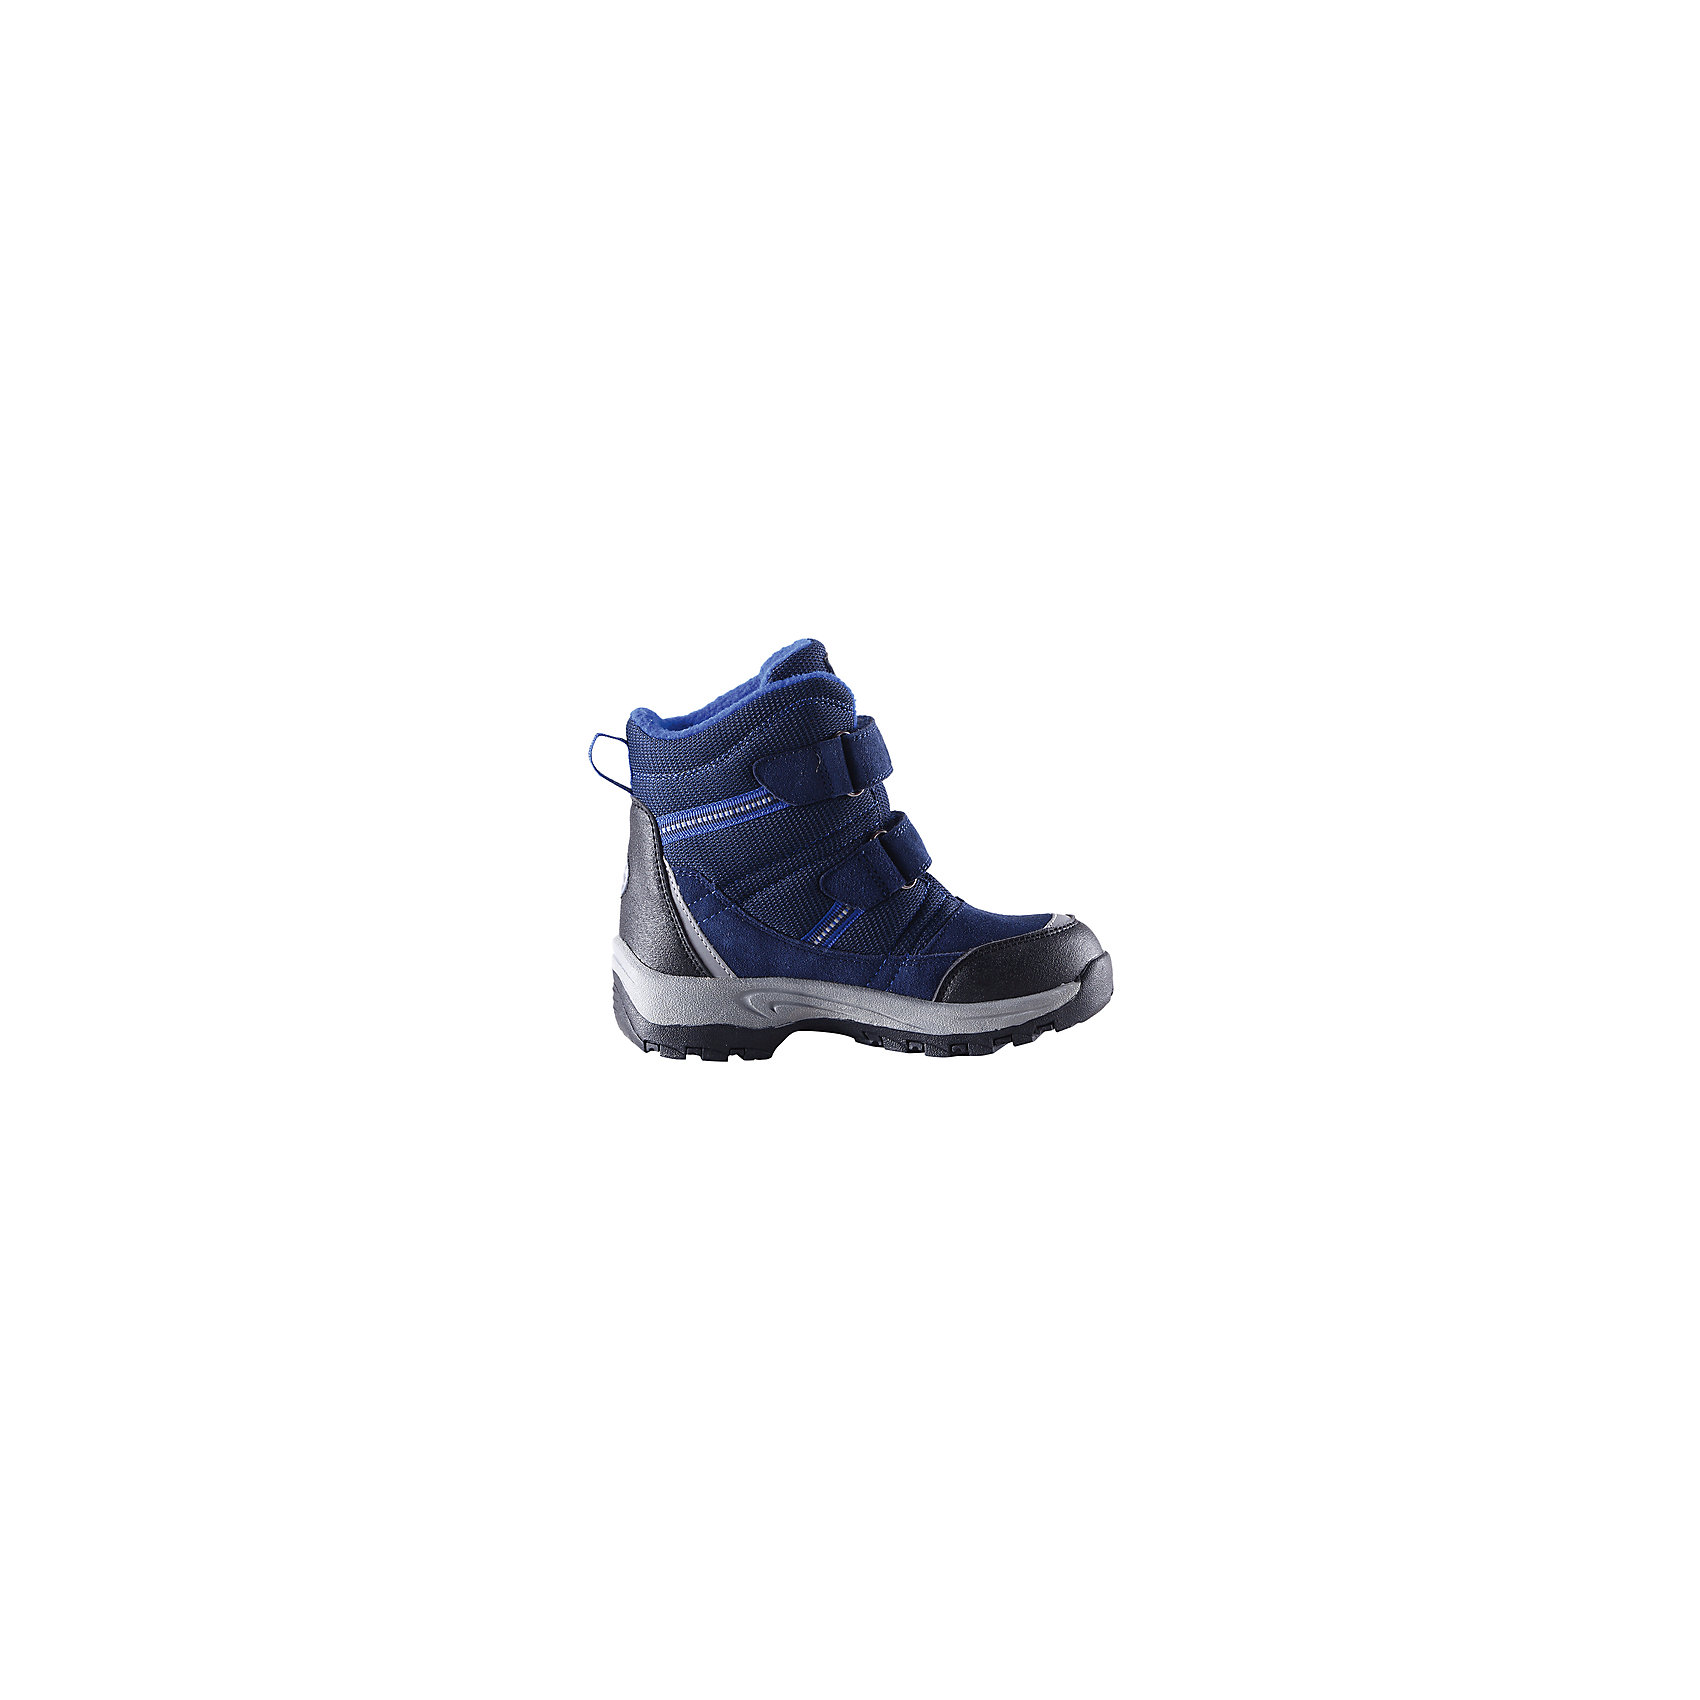 Ботинки Visby для мальчика Reimatec® Reima от myToys